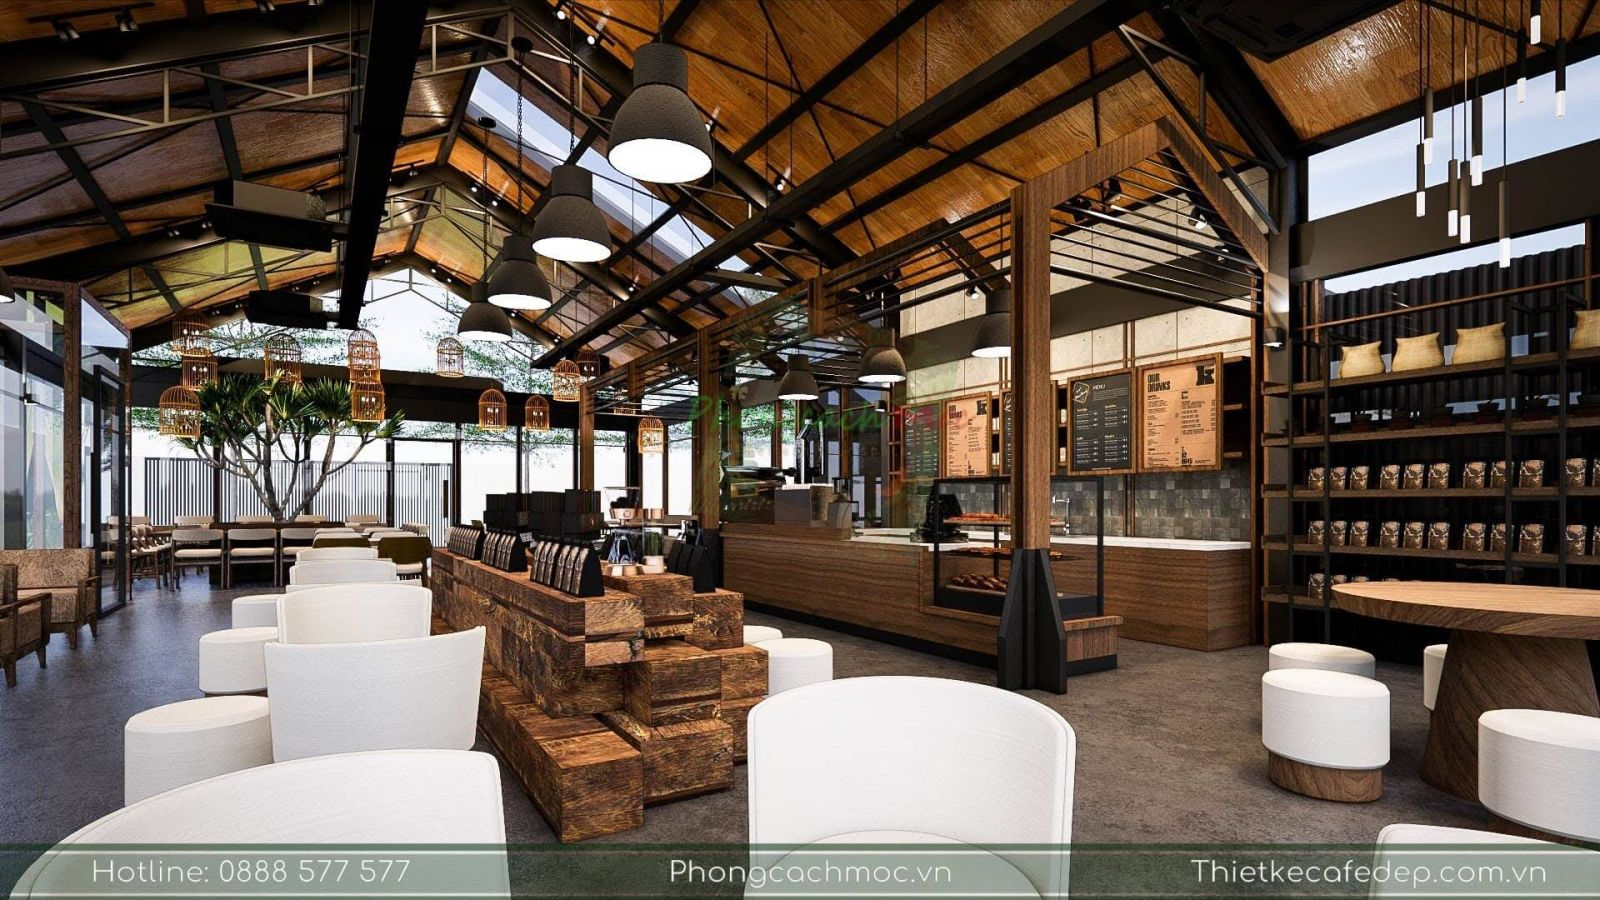 bày trí bàn ghế nội thất tại quán cafe the coffee town